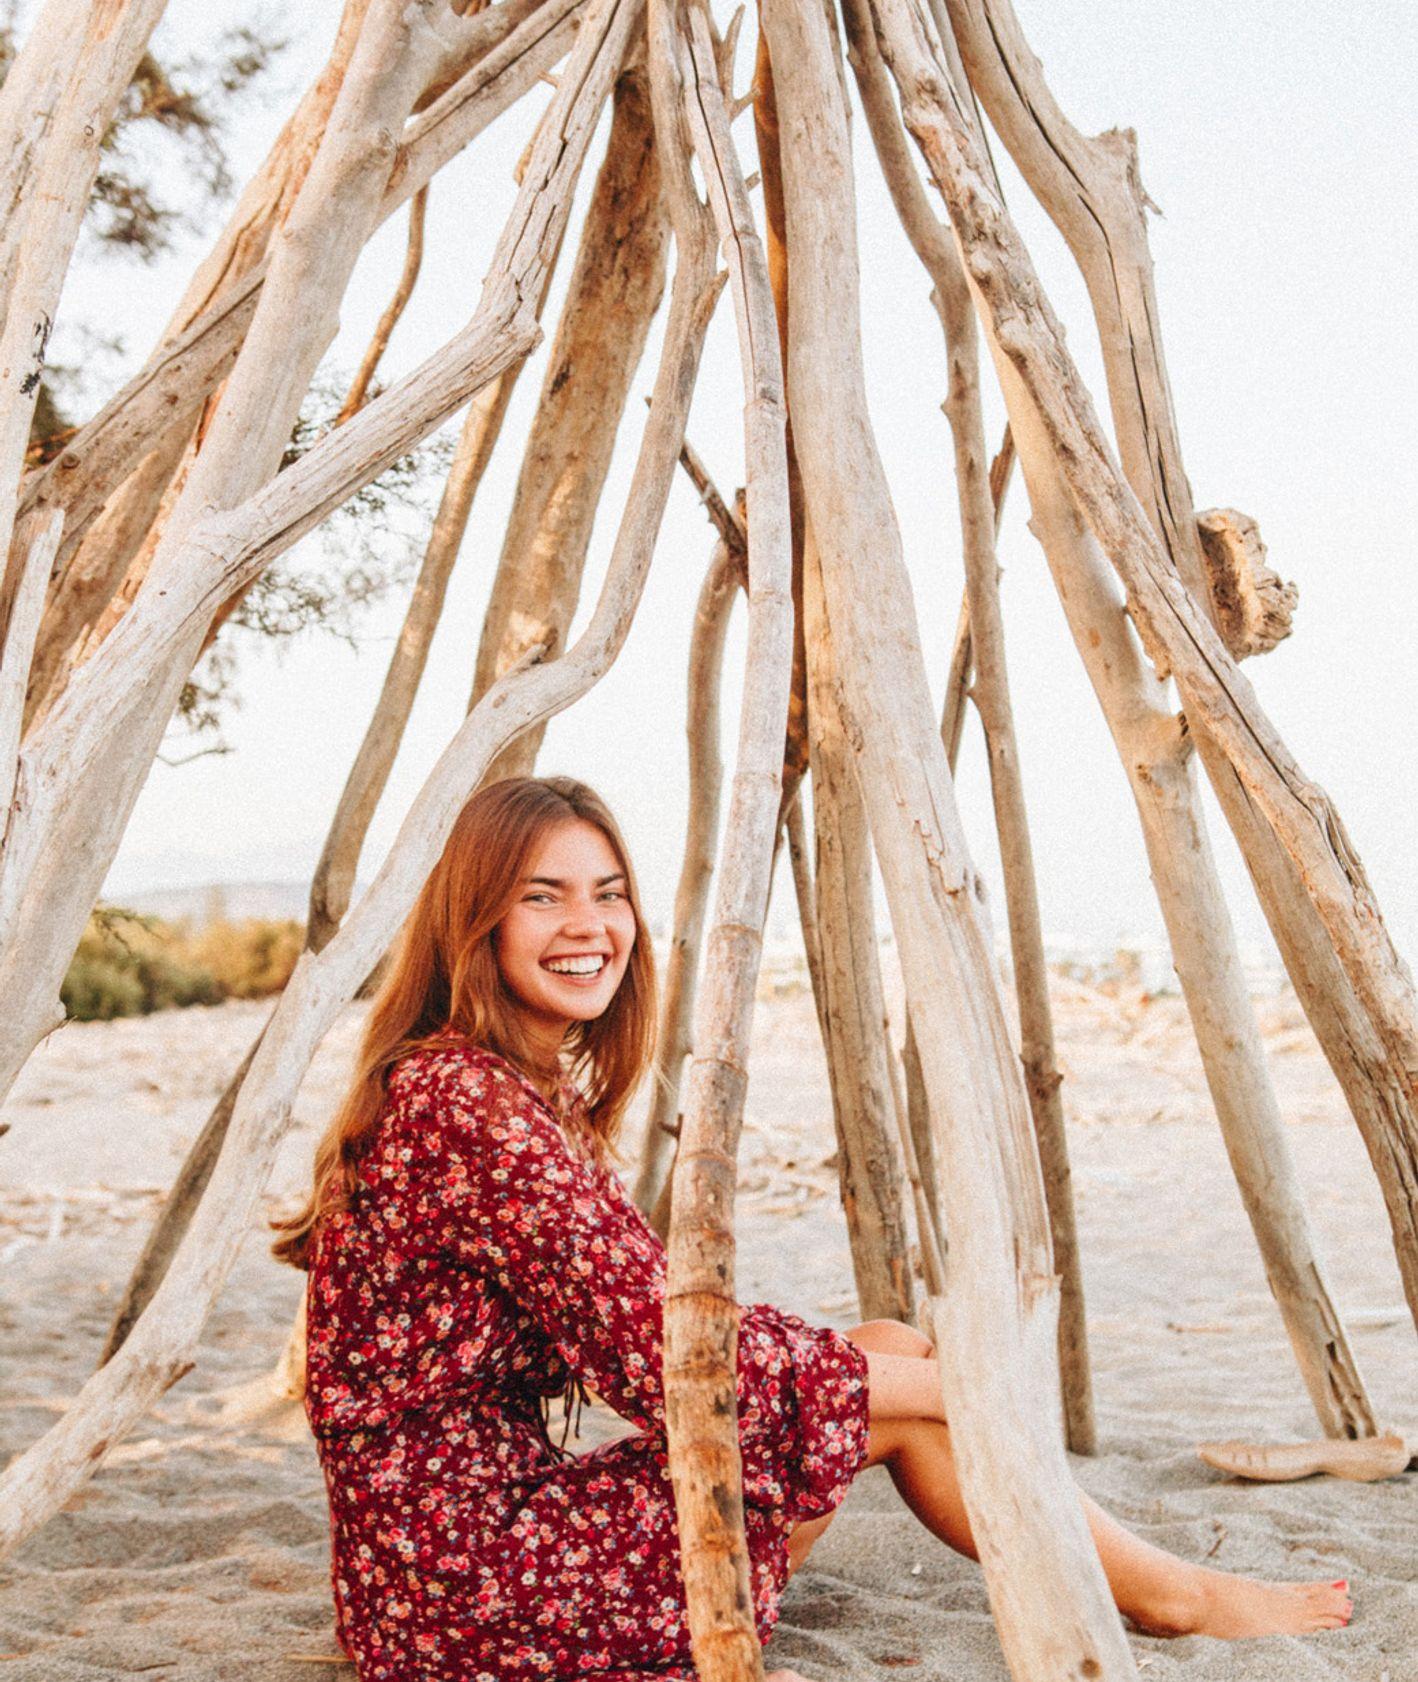 Uśmiechnięta kobieta siedząca pod konstrukcją z gałęzi na plaży. (fot. Sonnie Hiles / unsplash.com)